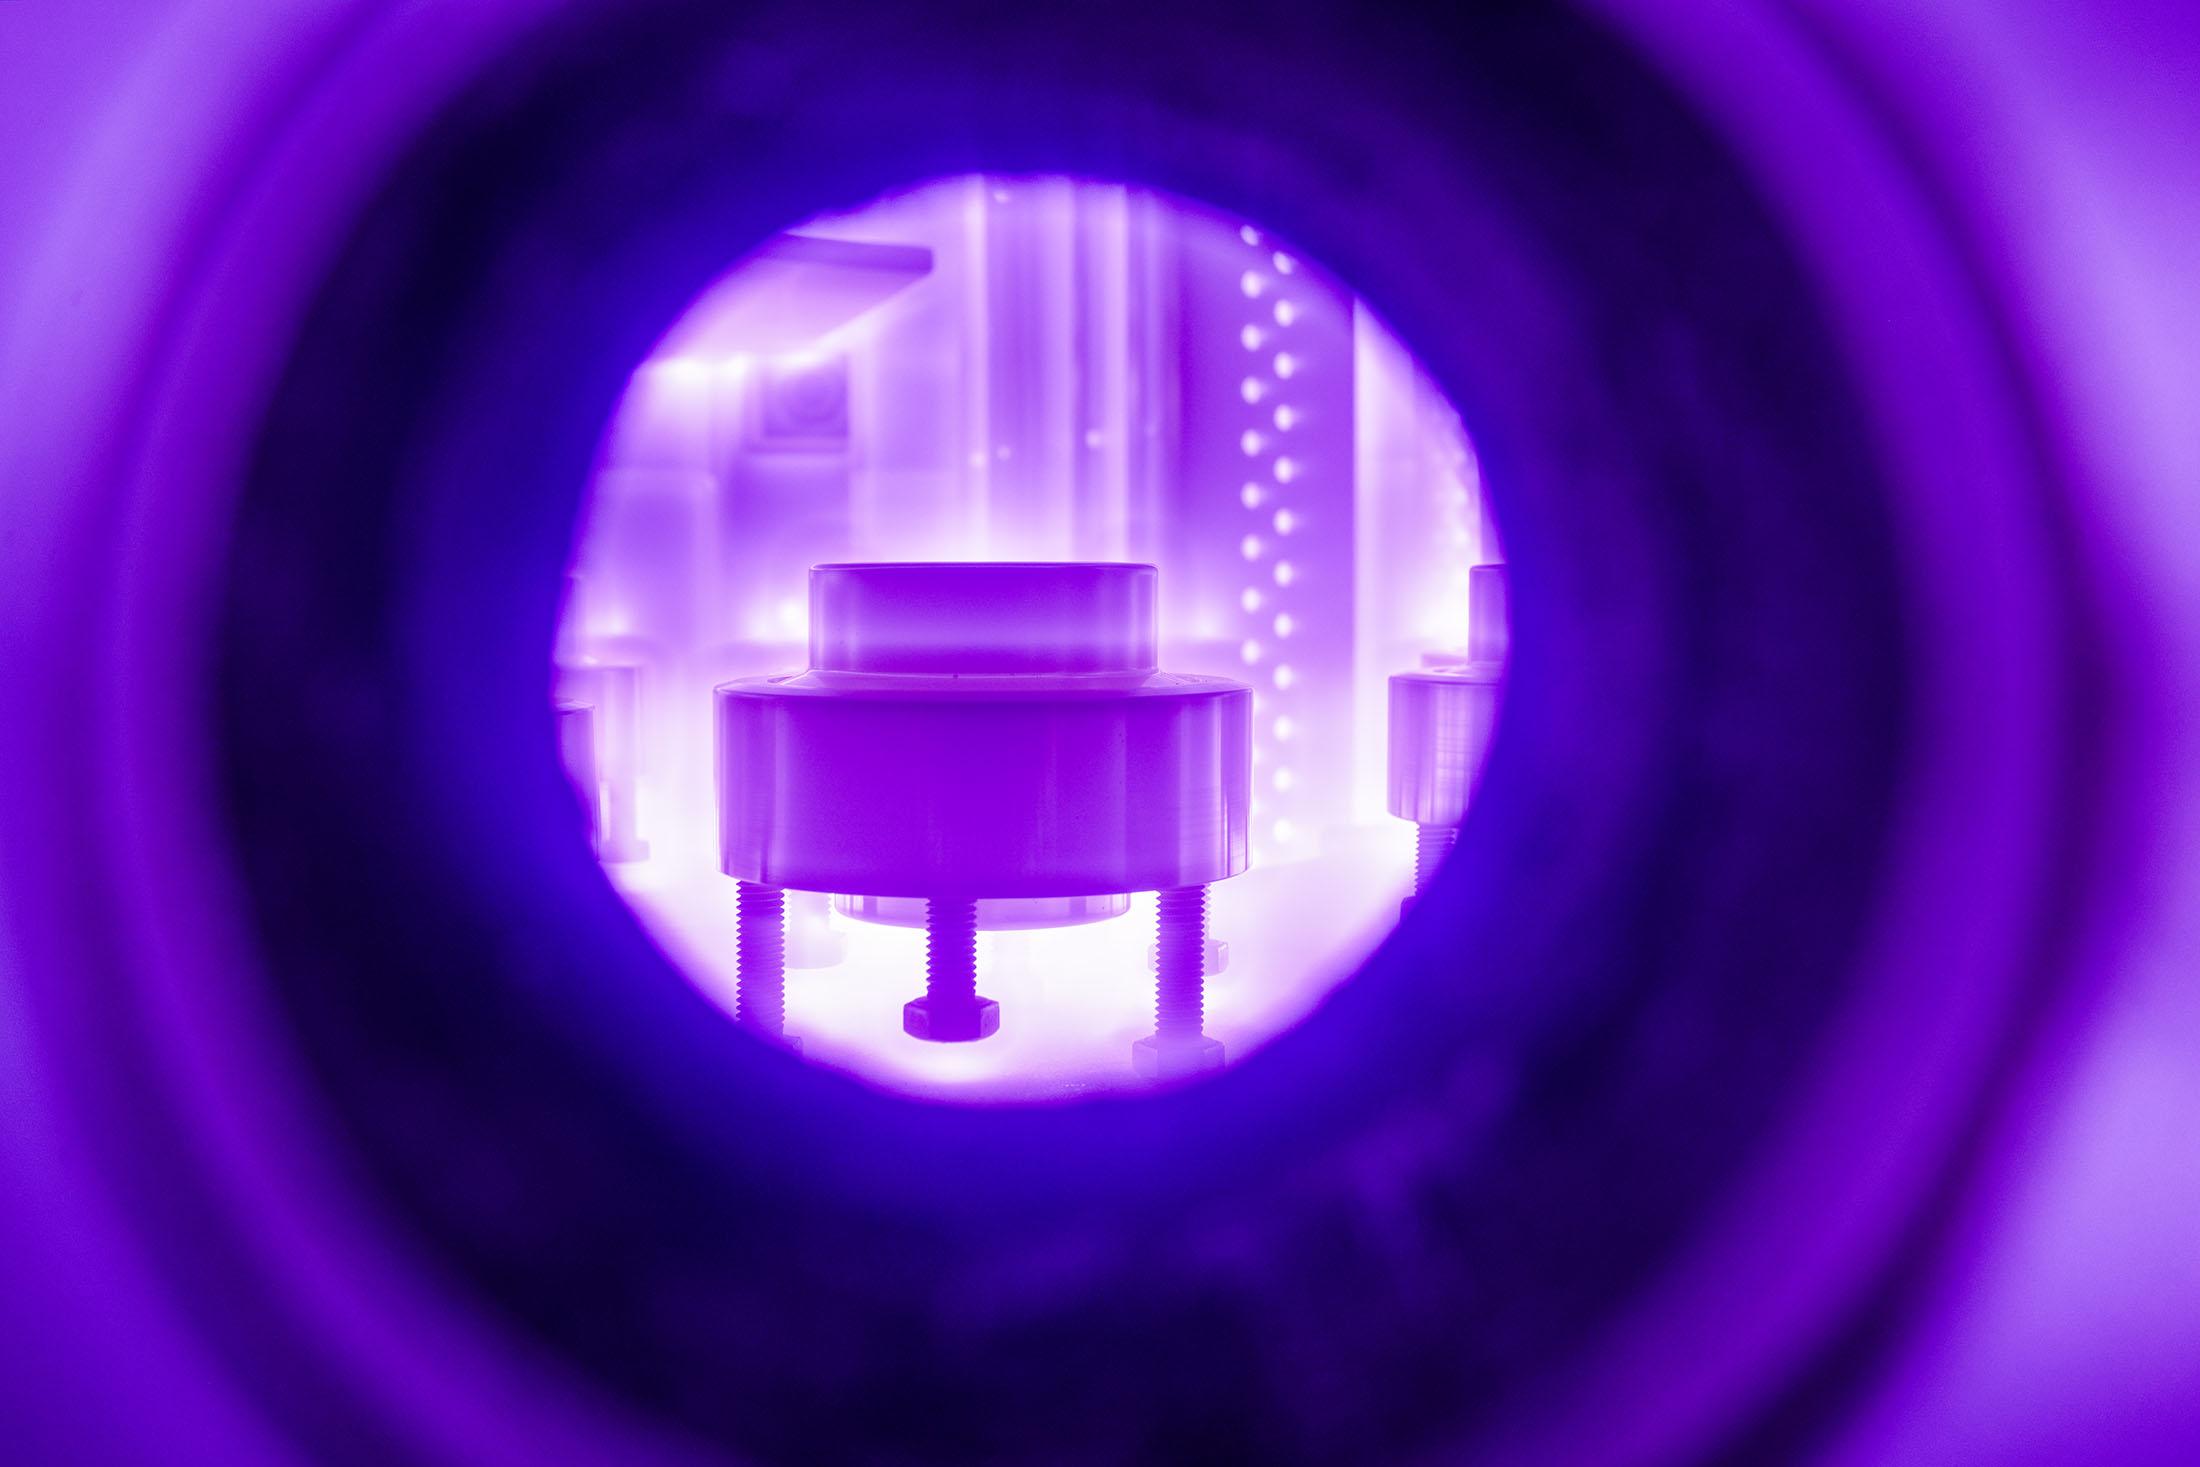 industriefotografie_wolfram schroll_chemie_04